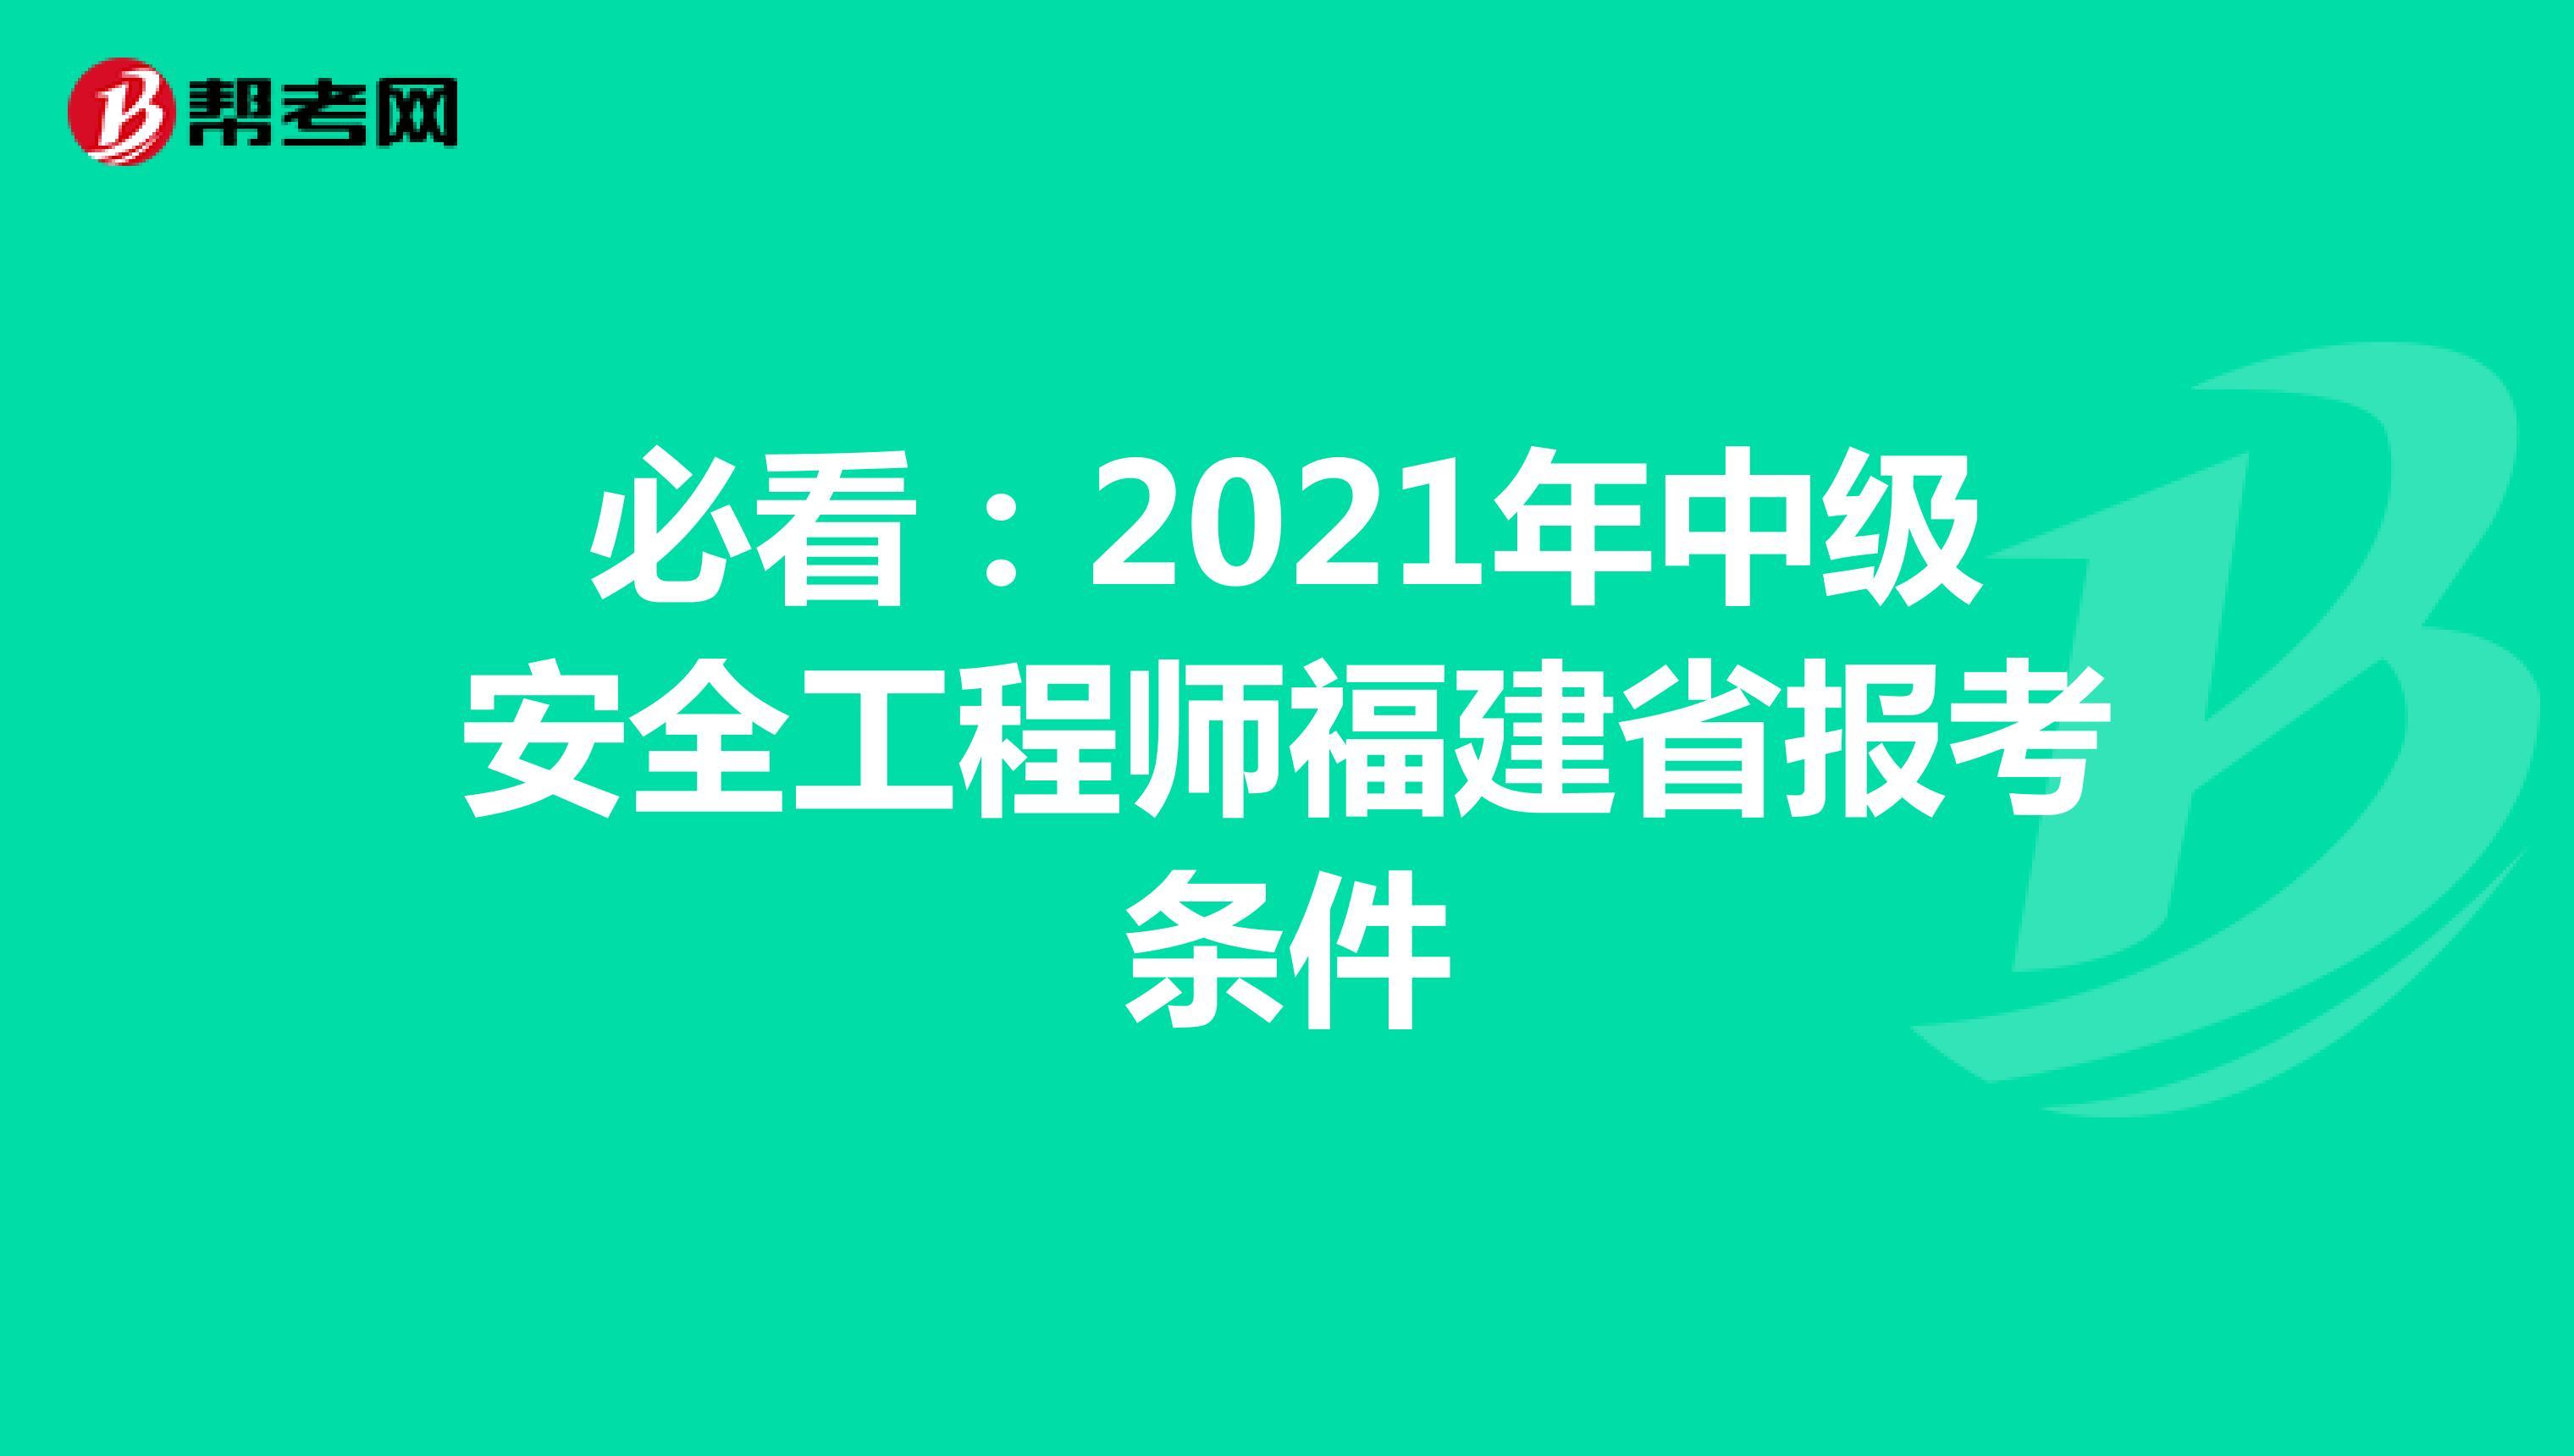 必看:2021年中级安全工程师福建省报考条件